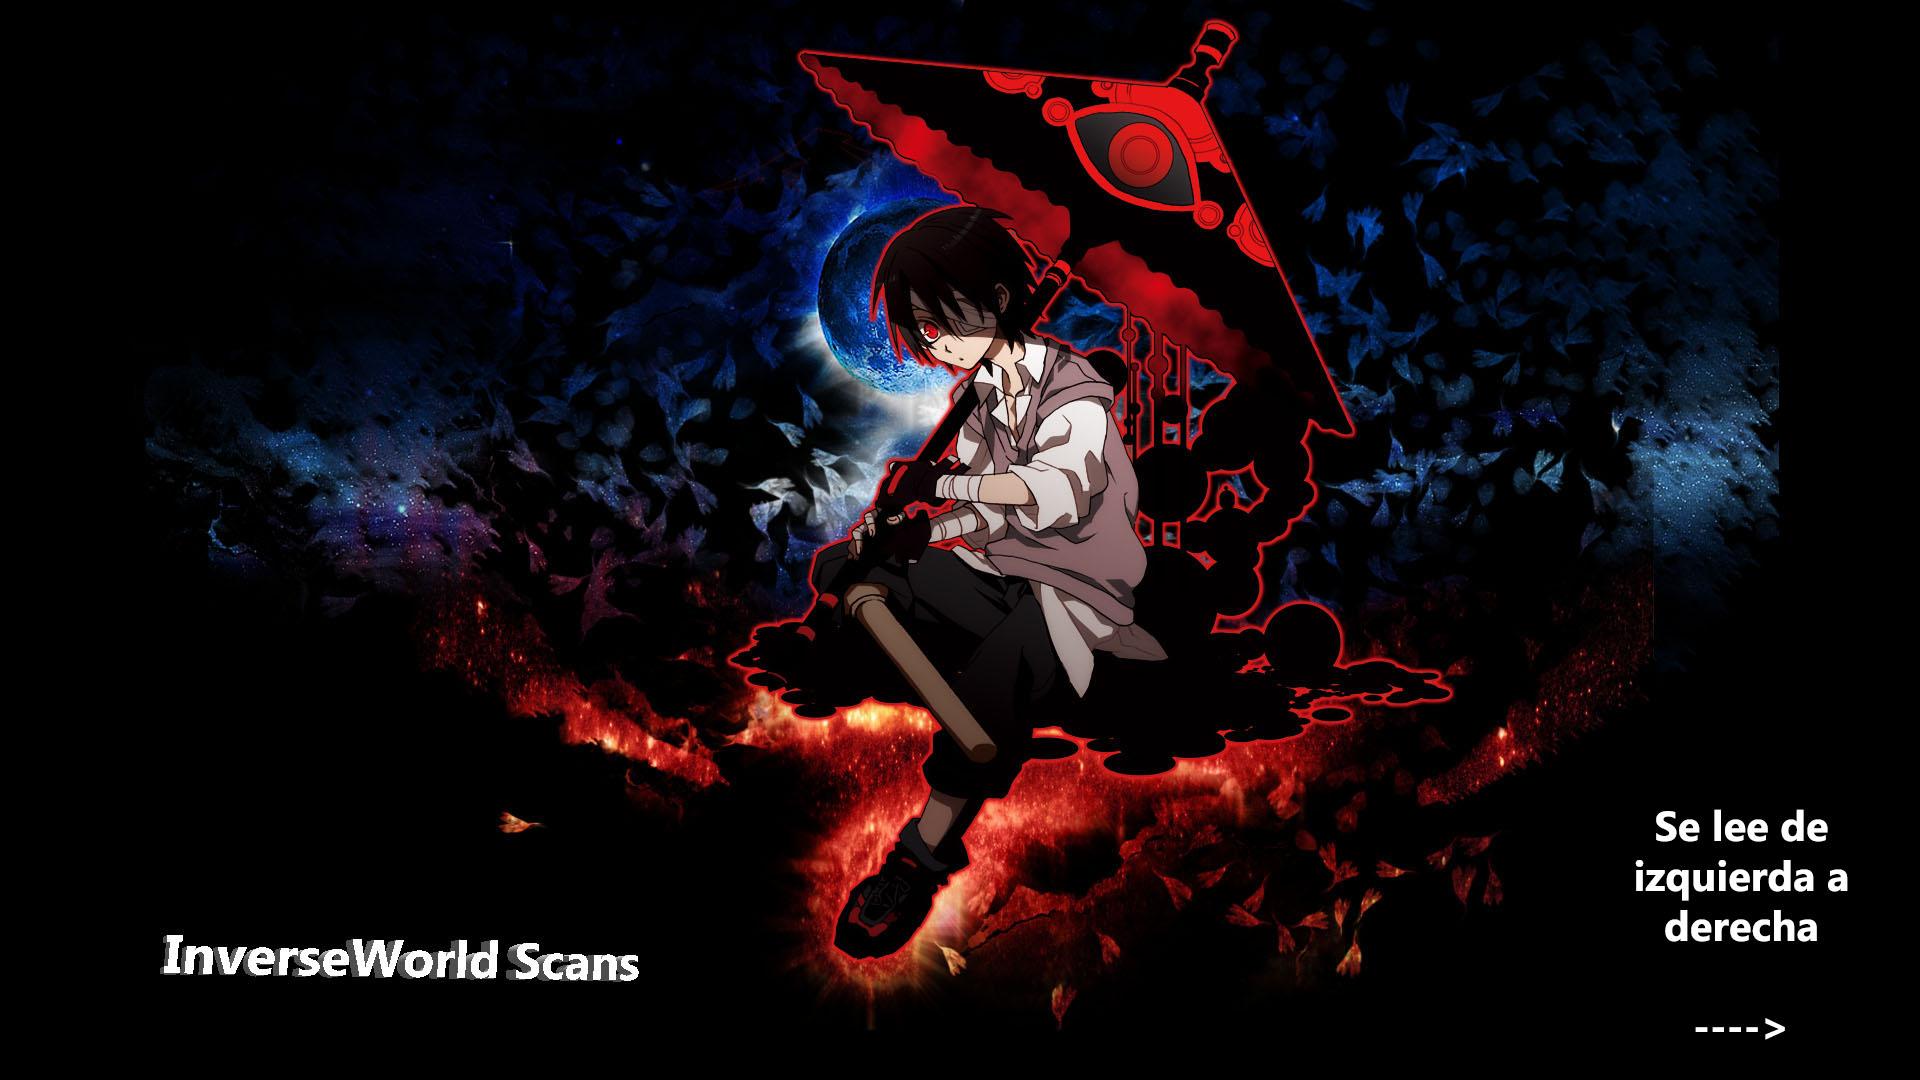 http://c5.ninemanga.com/es_manga/18/16210/415307/73838b6b915c7231eb77b57f144cbbd2.jpg Page 1